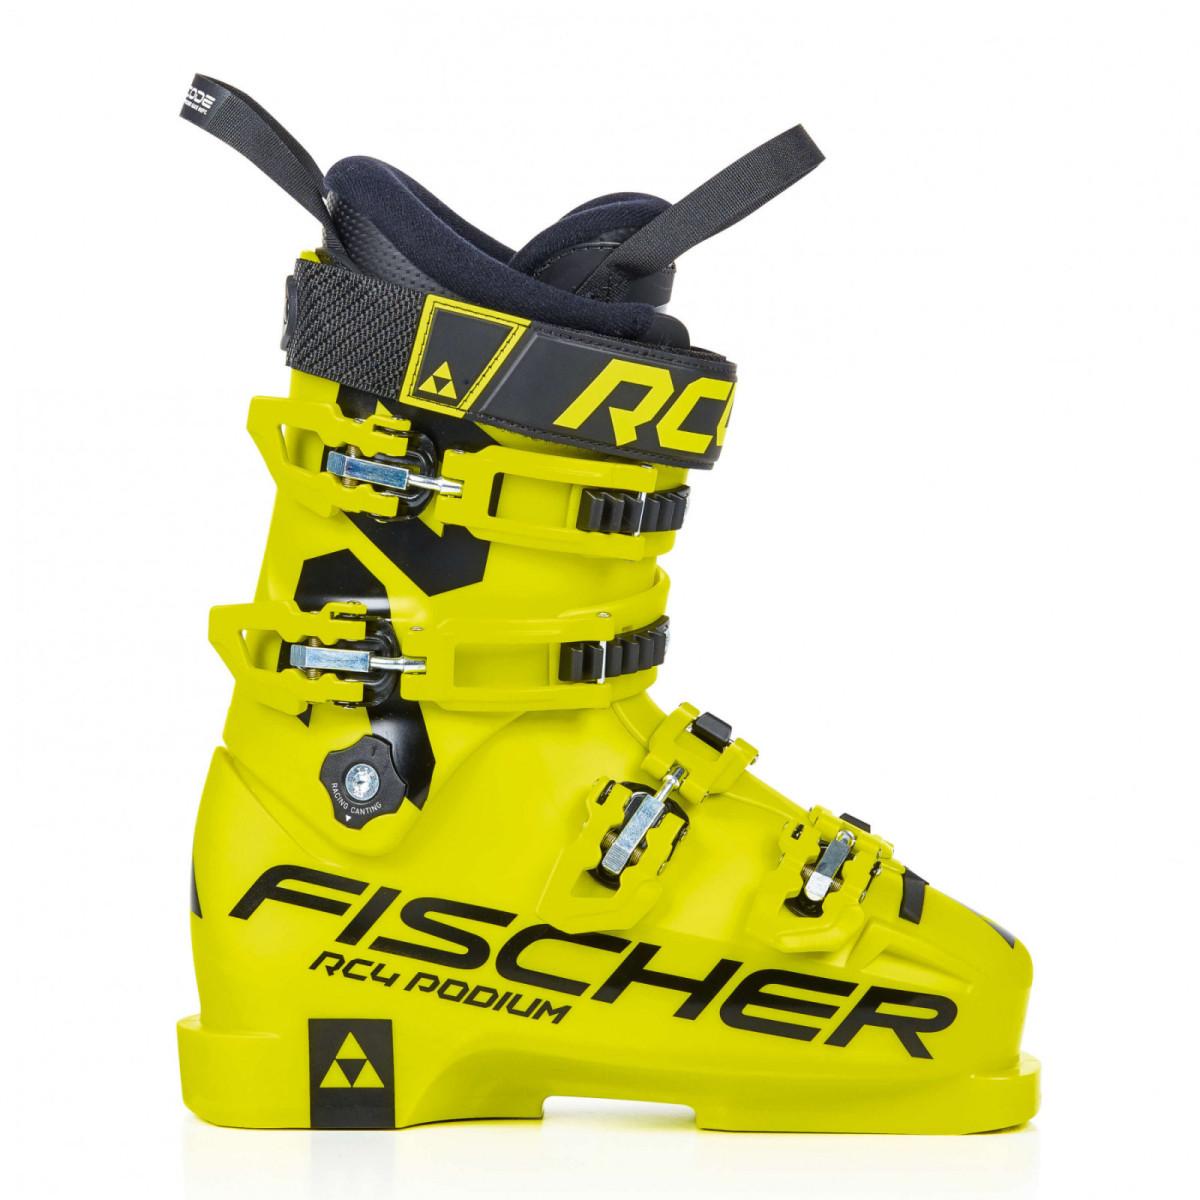 Fischer RC4 Podium 70 2020/2021.